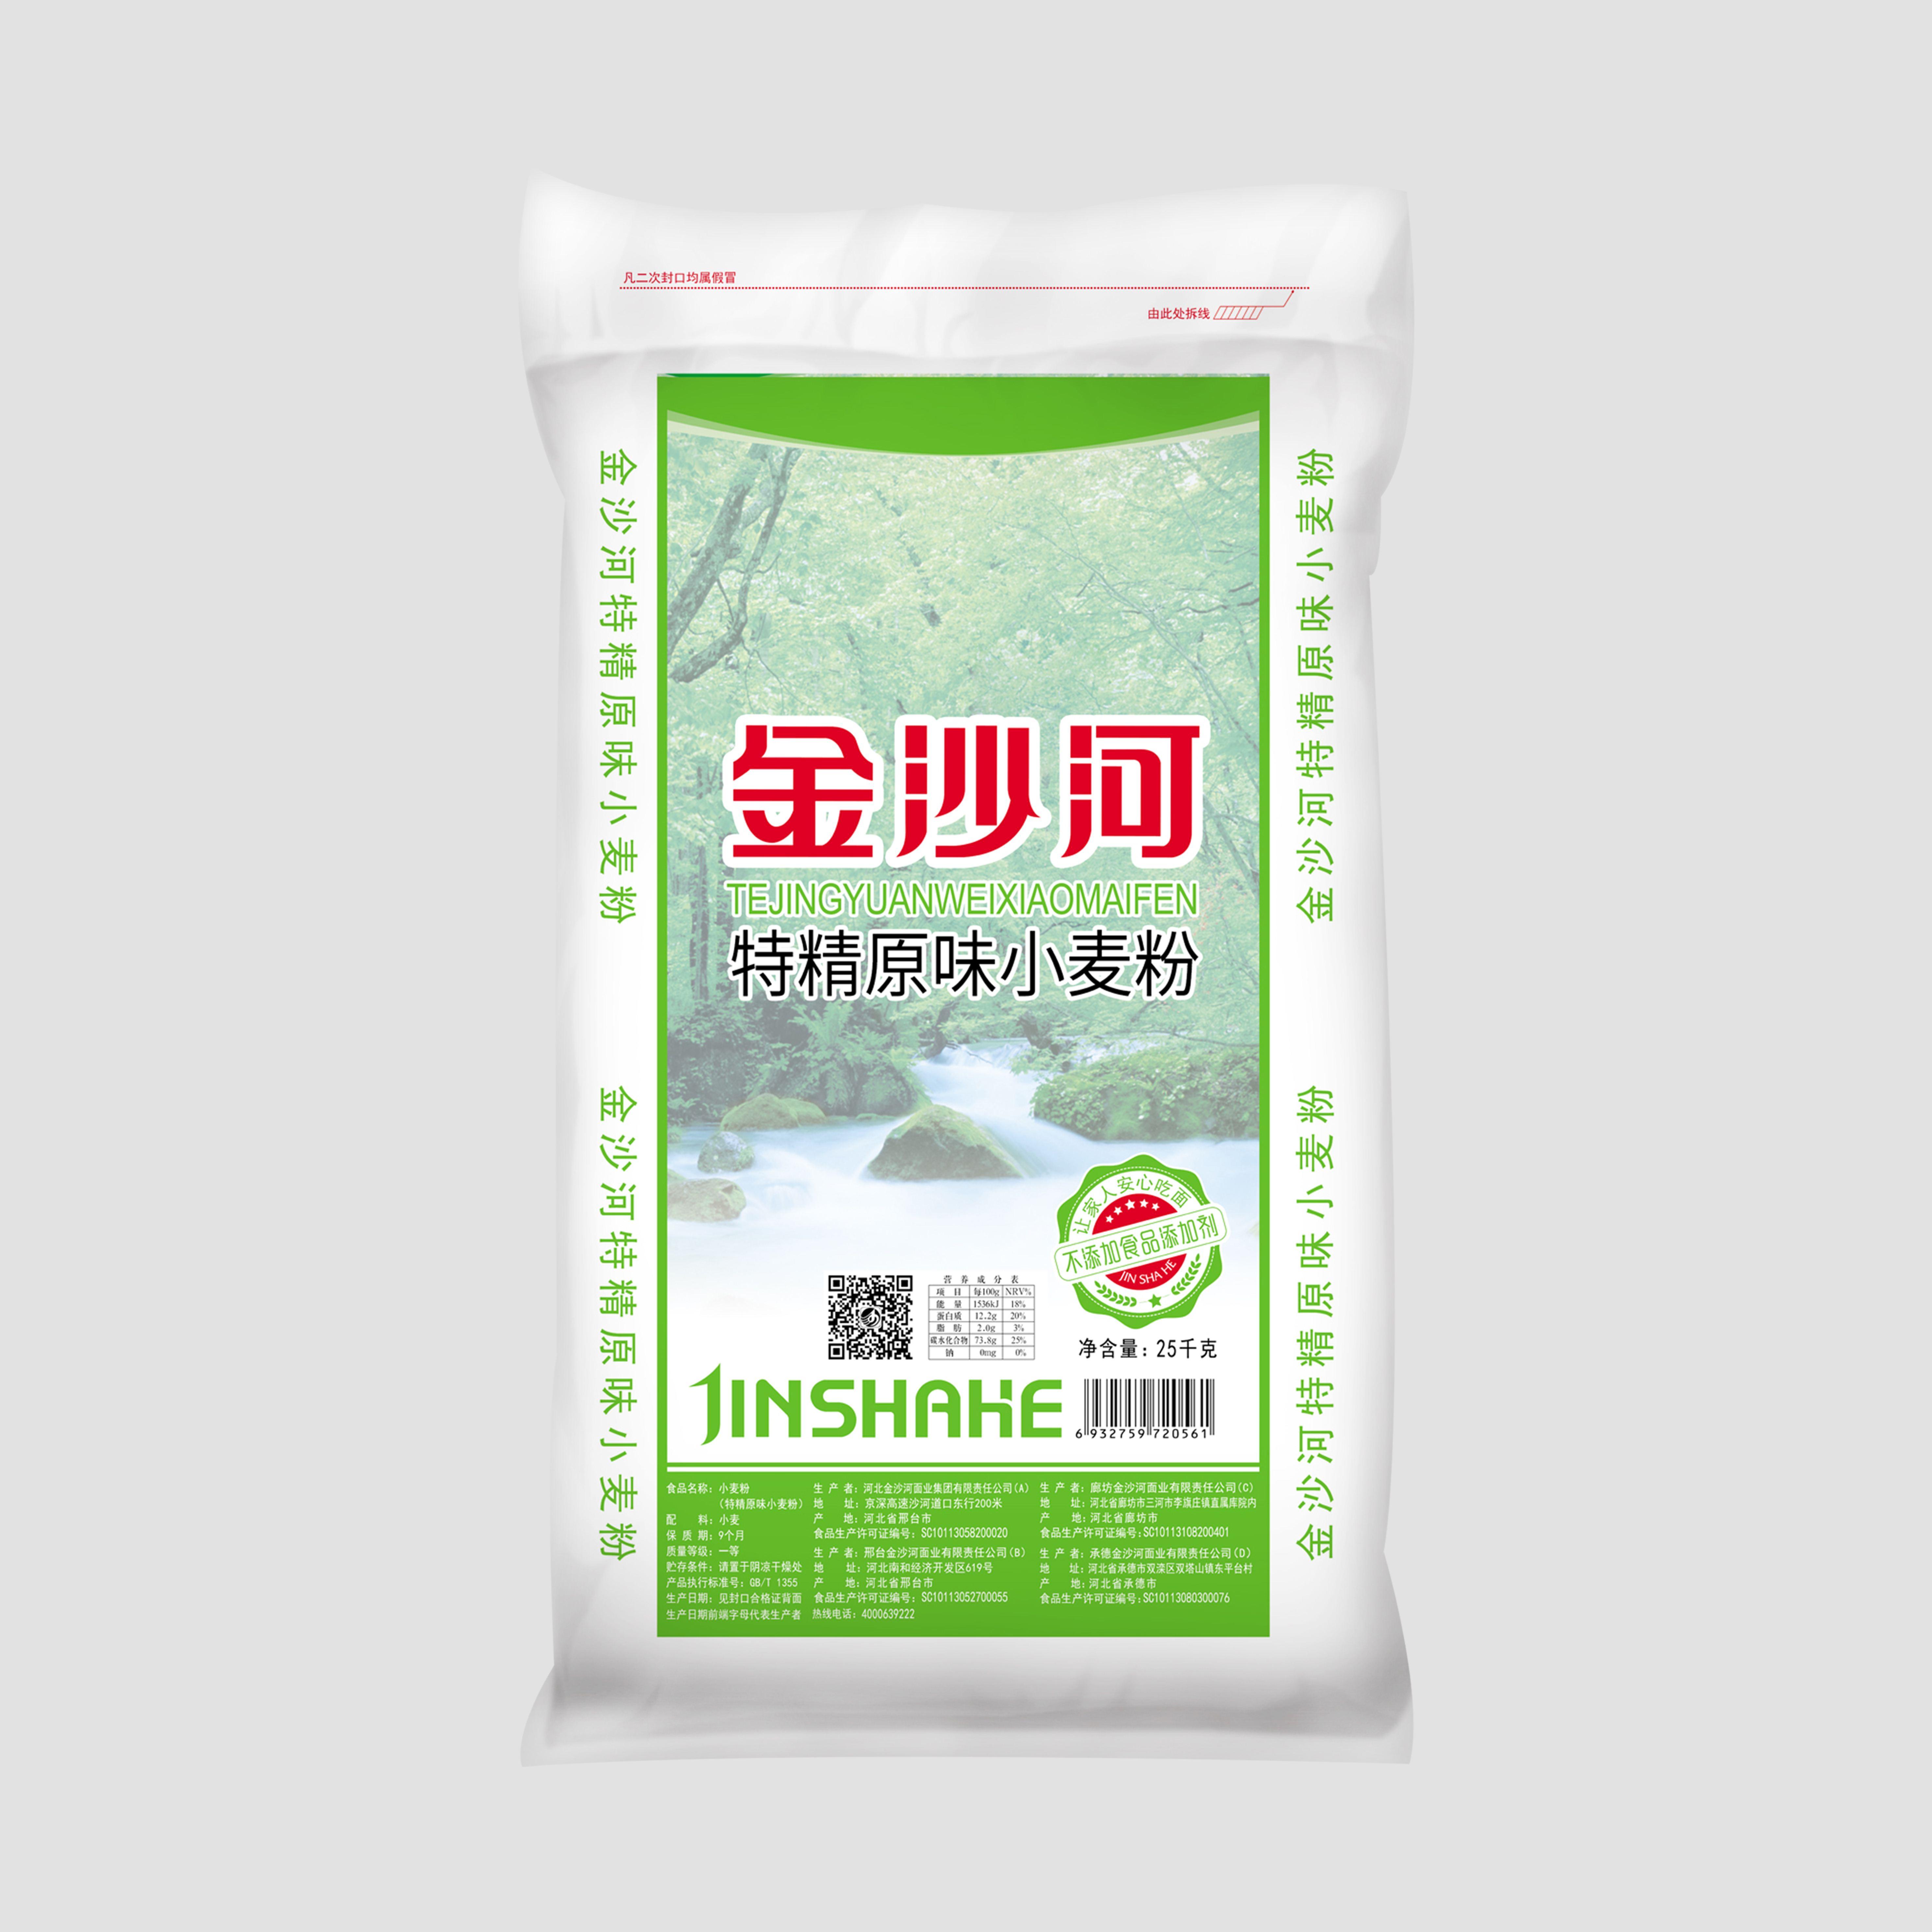 特精原味小麦粉 (1)